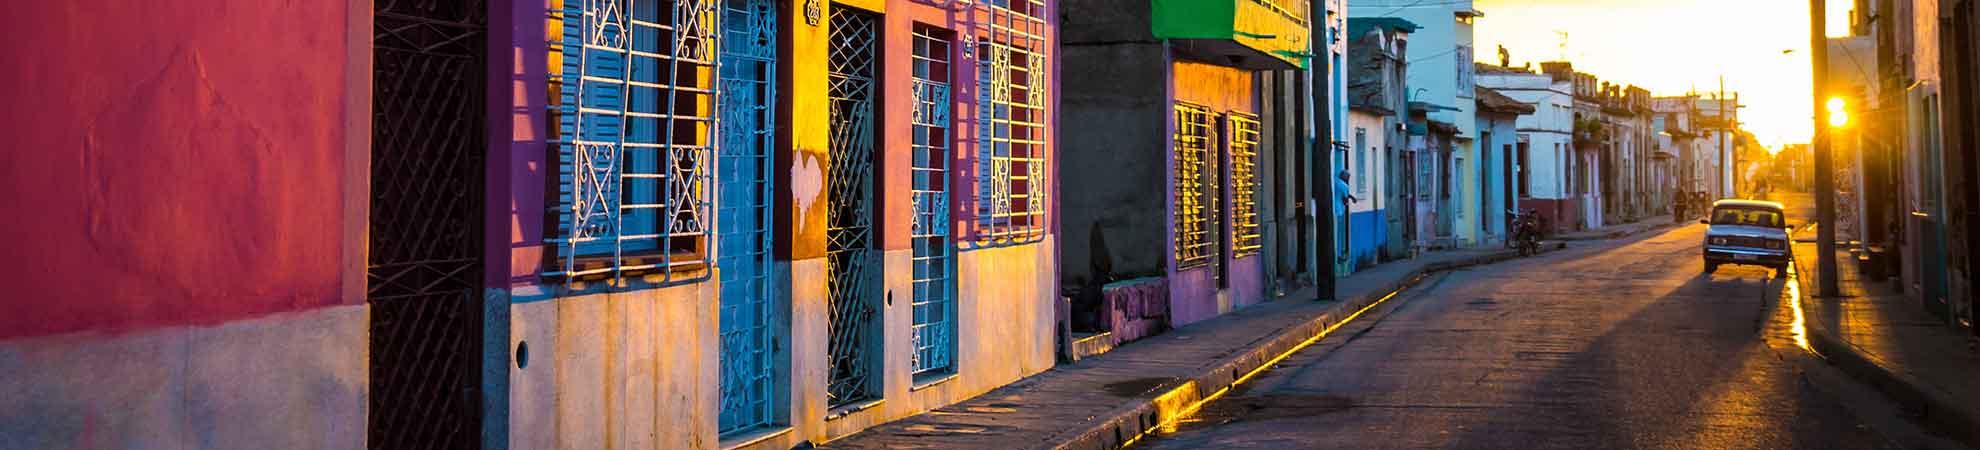 Ville de Cuba - Les principales villes du pays